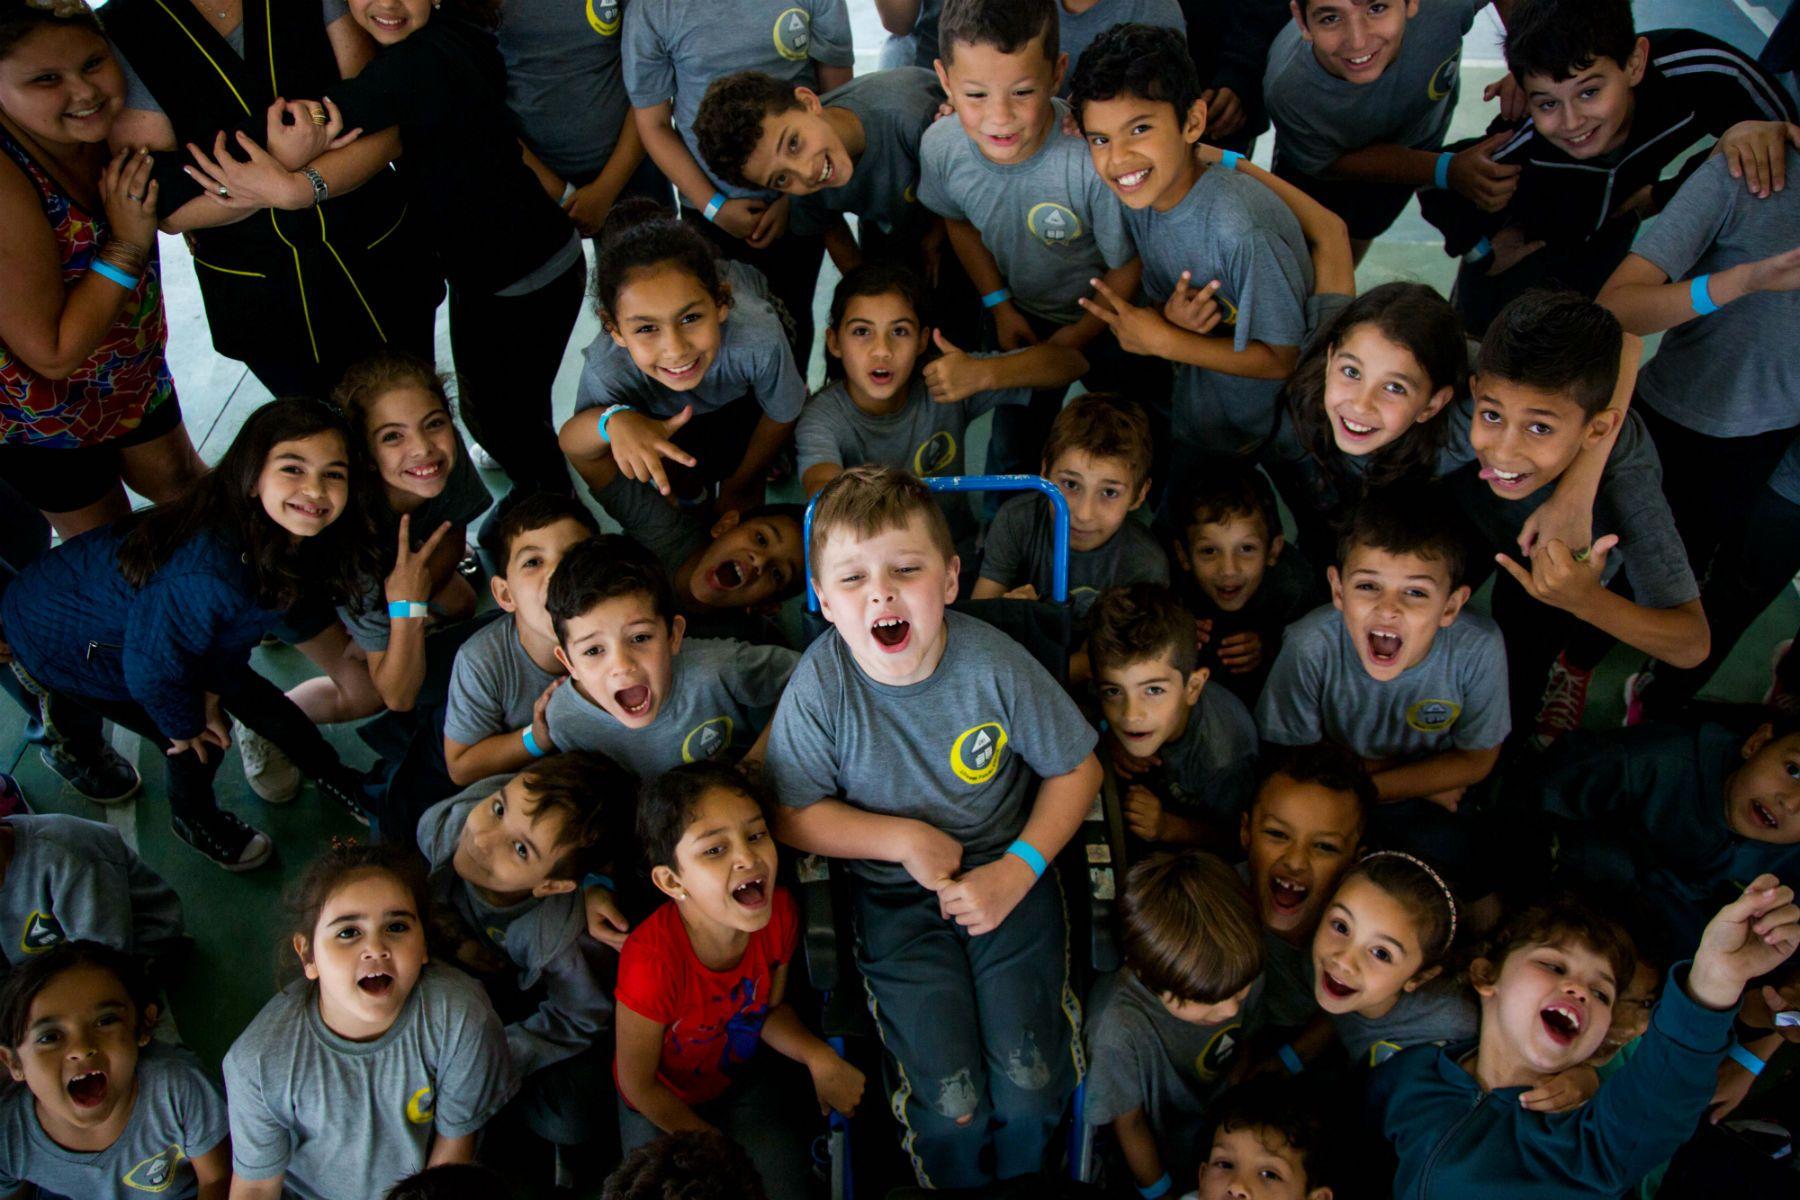 Vistos de cima, meninas e meninos uniformizados posam para foto, sorrindo. Ao centro, há uma criança com cadeira de rodas